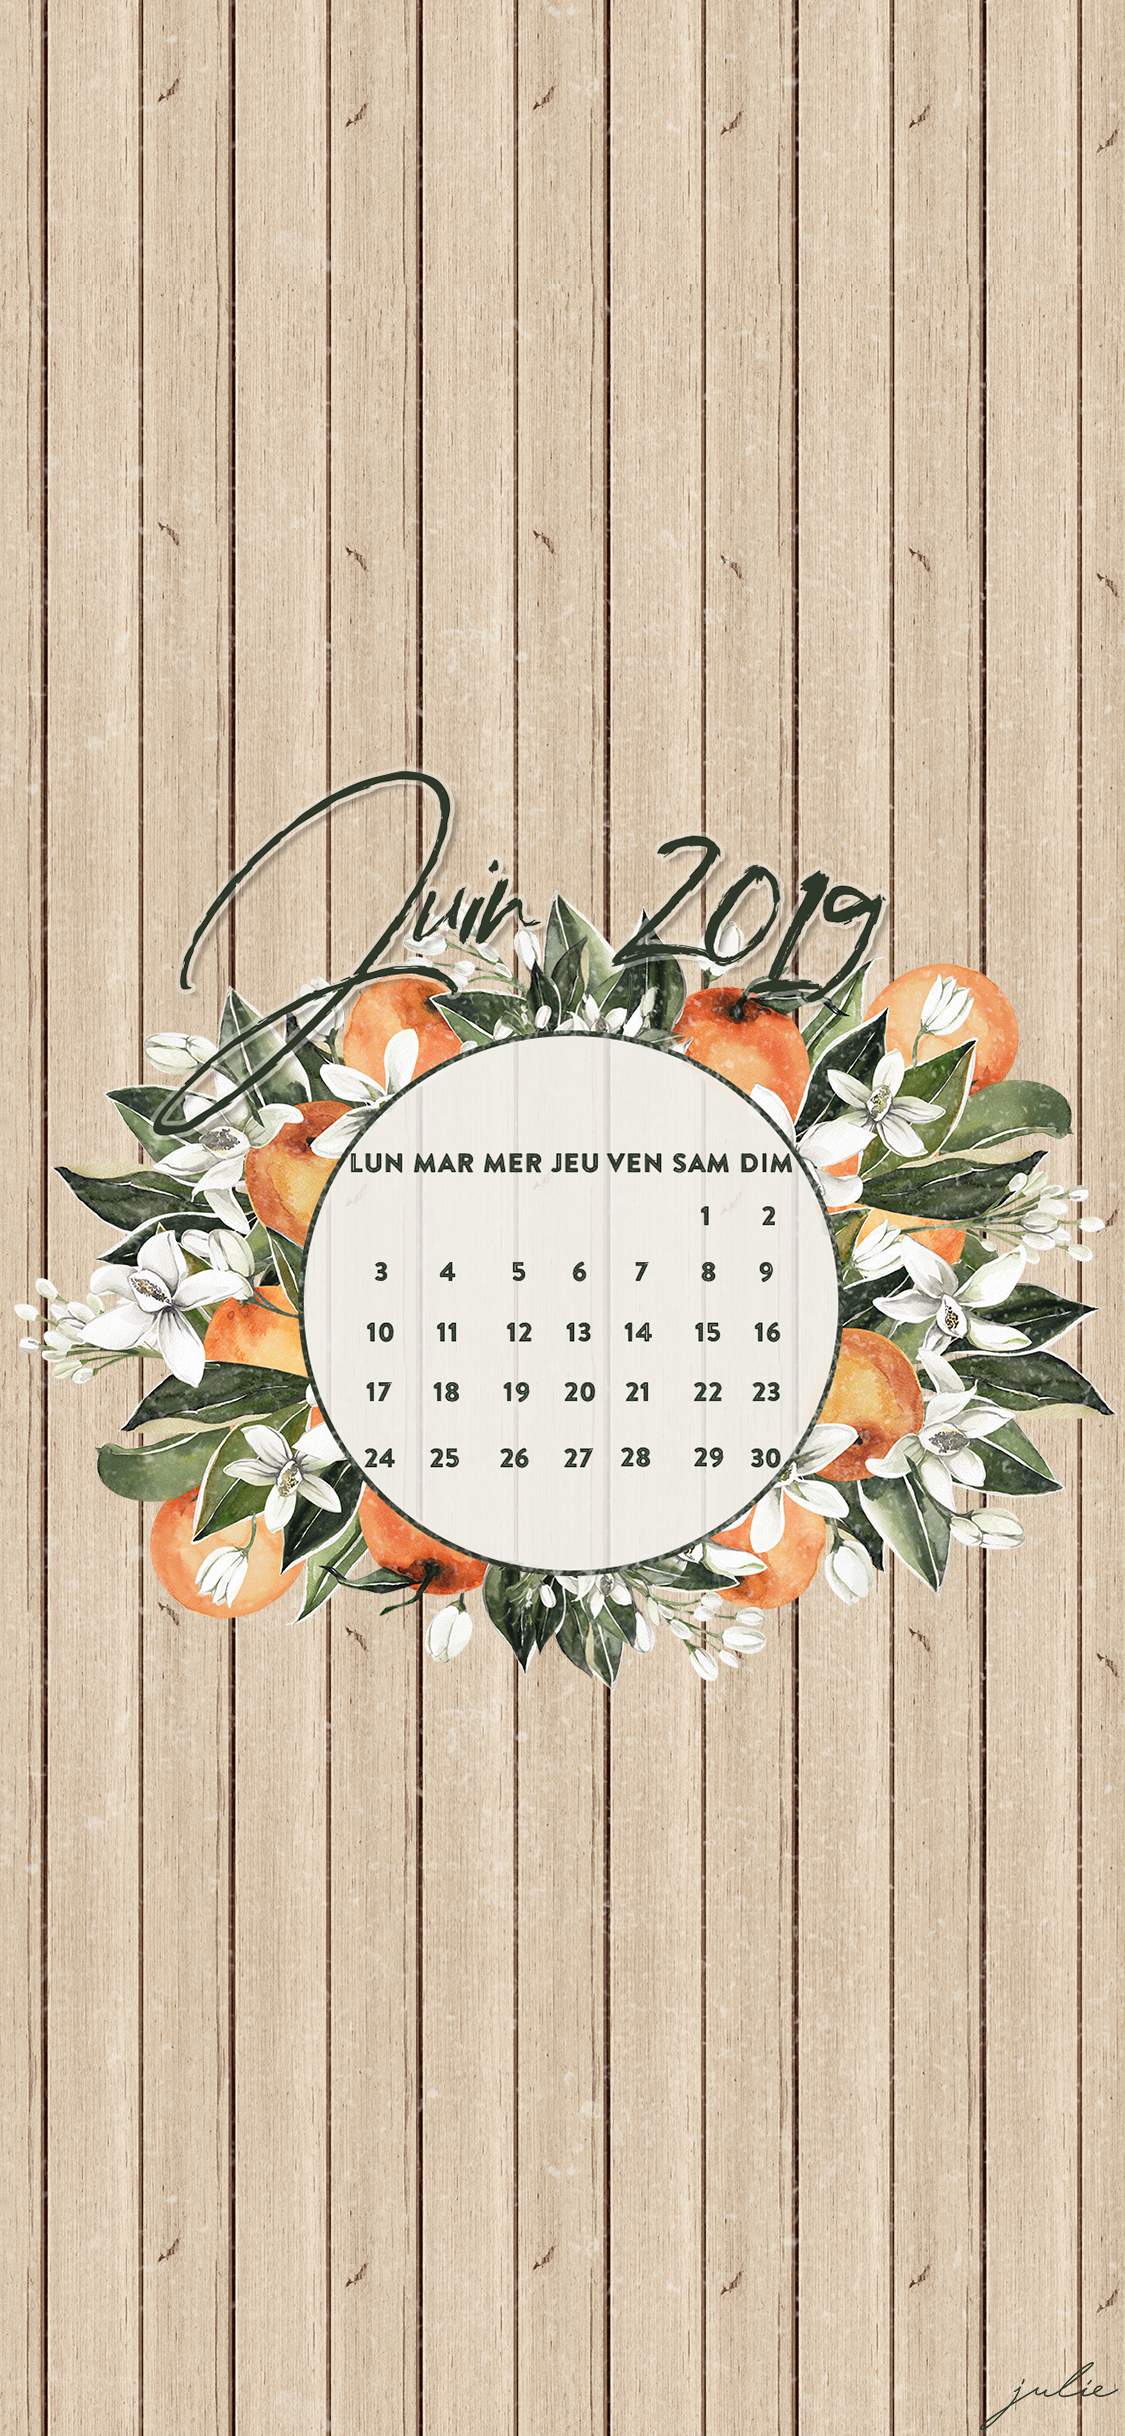 Juin 2019 Julie